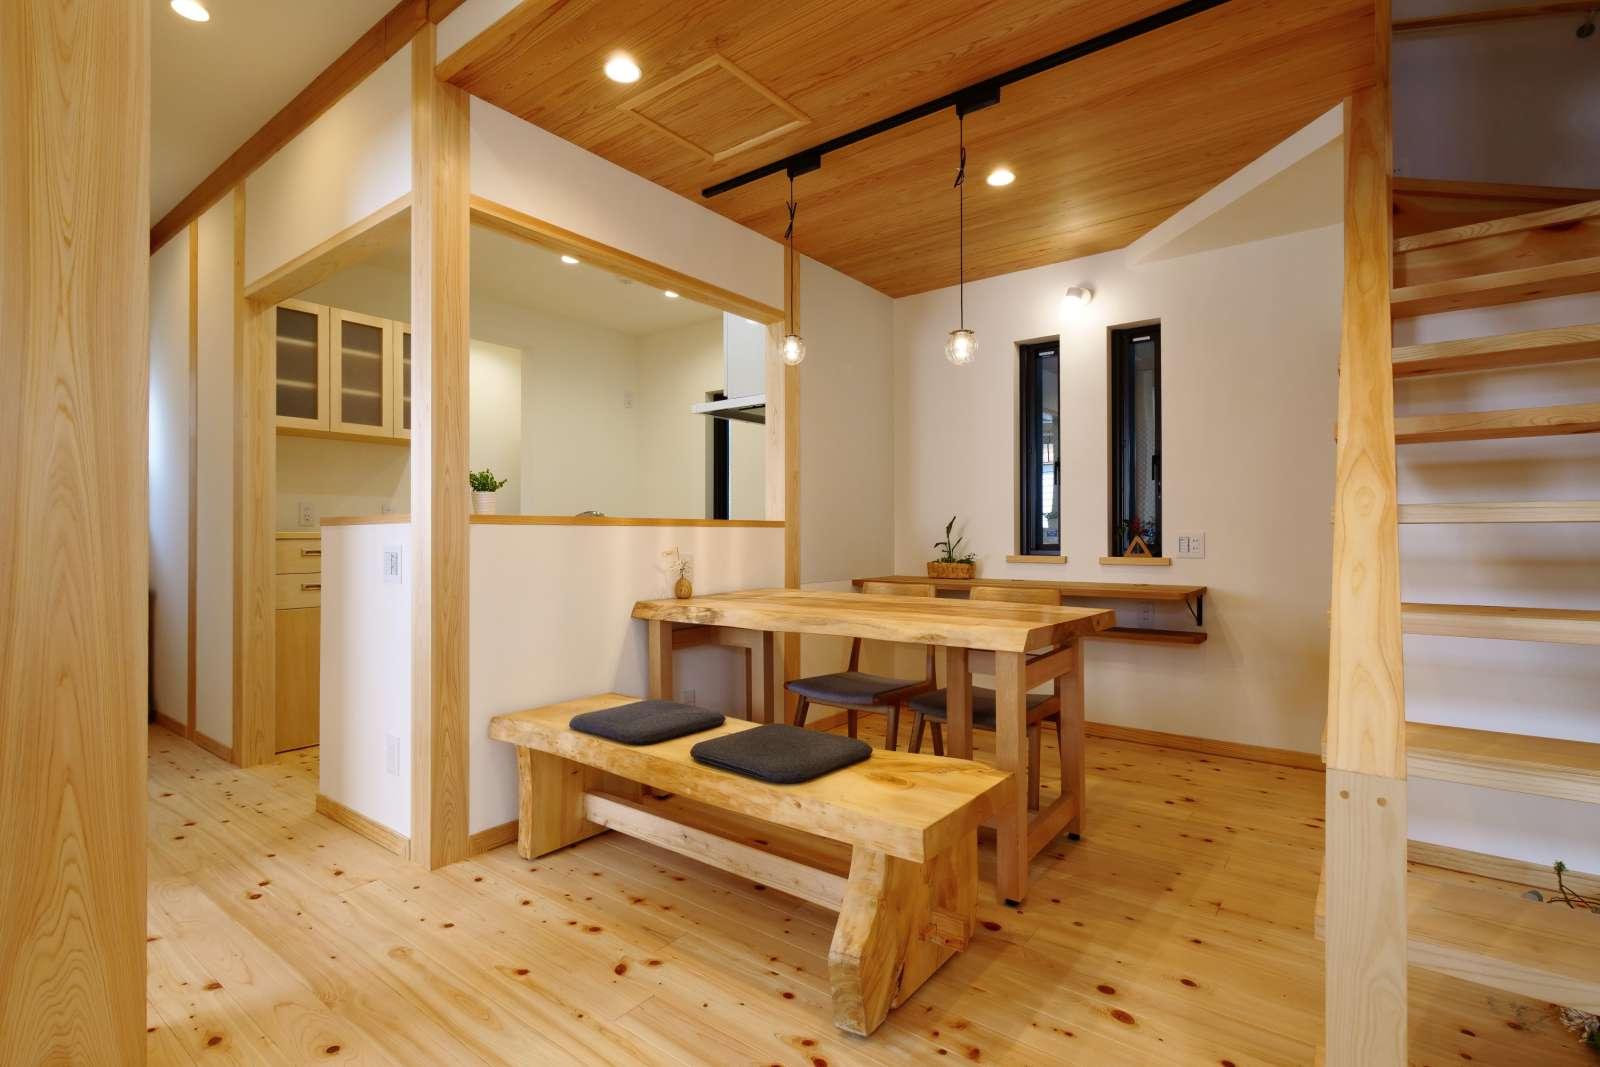 【7月31日、8月1日】枚方市 創建工房モデルハウス 予約制オープンイベント開催!